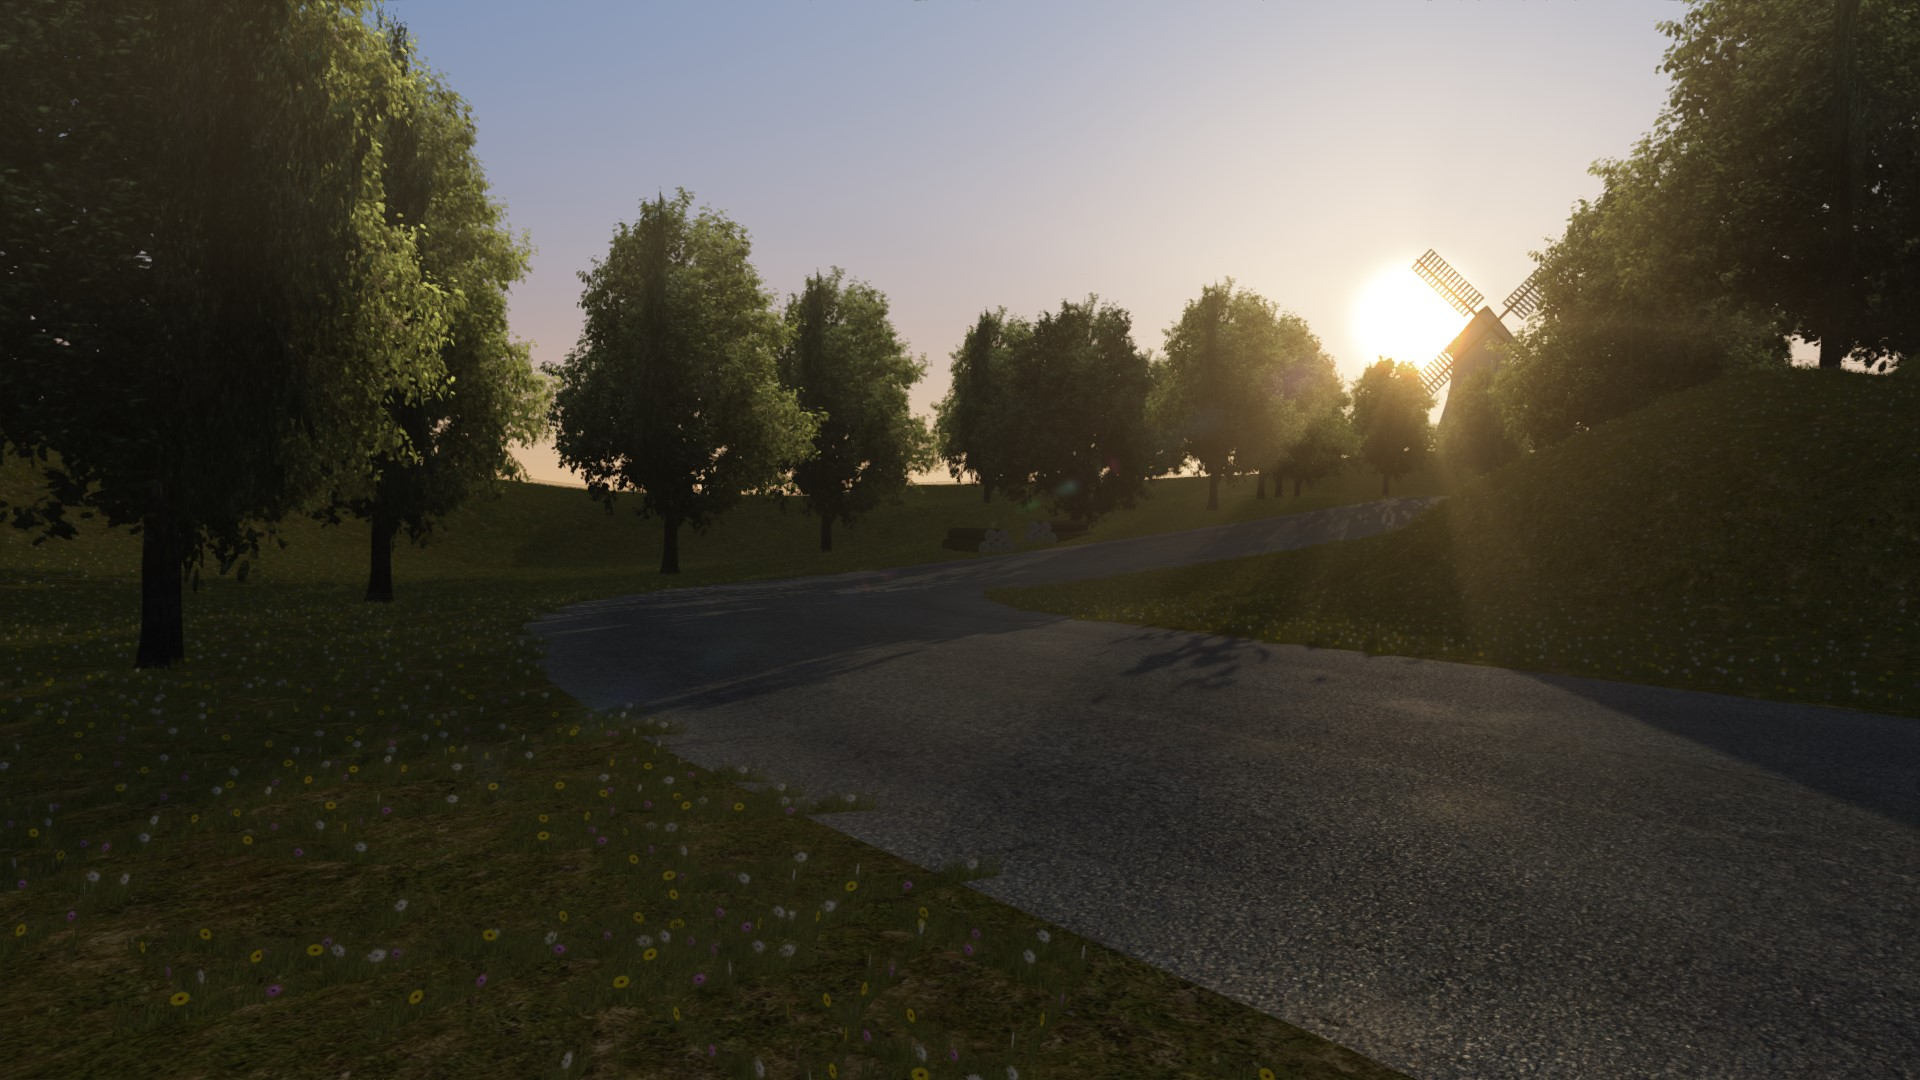 Screenshot_ks_toyota_gt86_greenhills_15-2-116-2-18-54.jpg